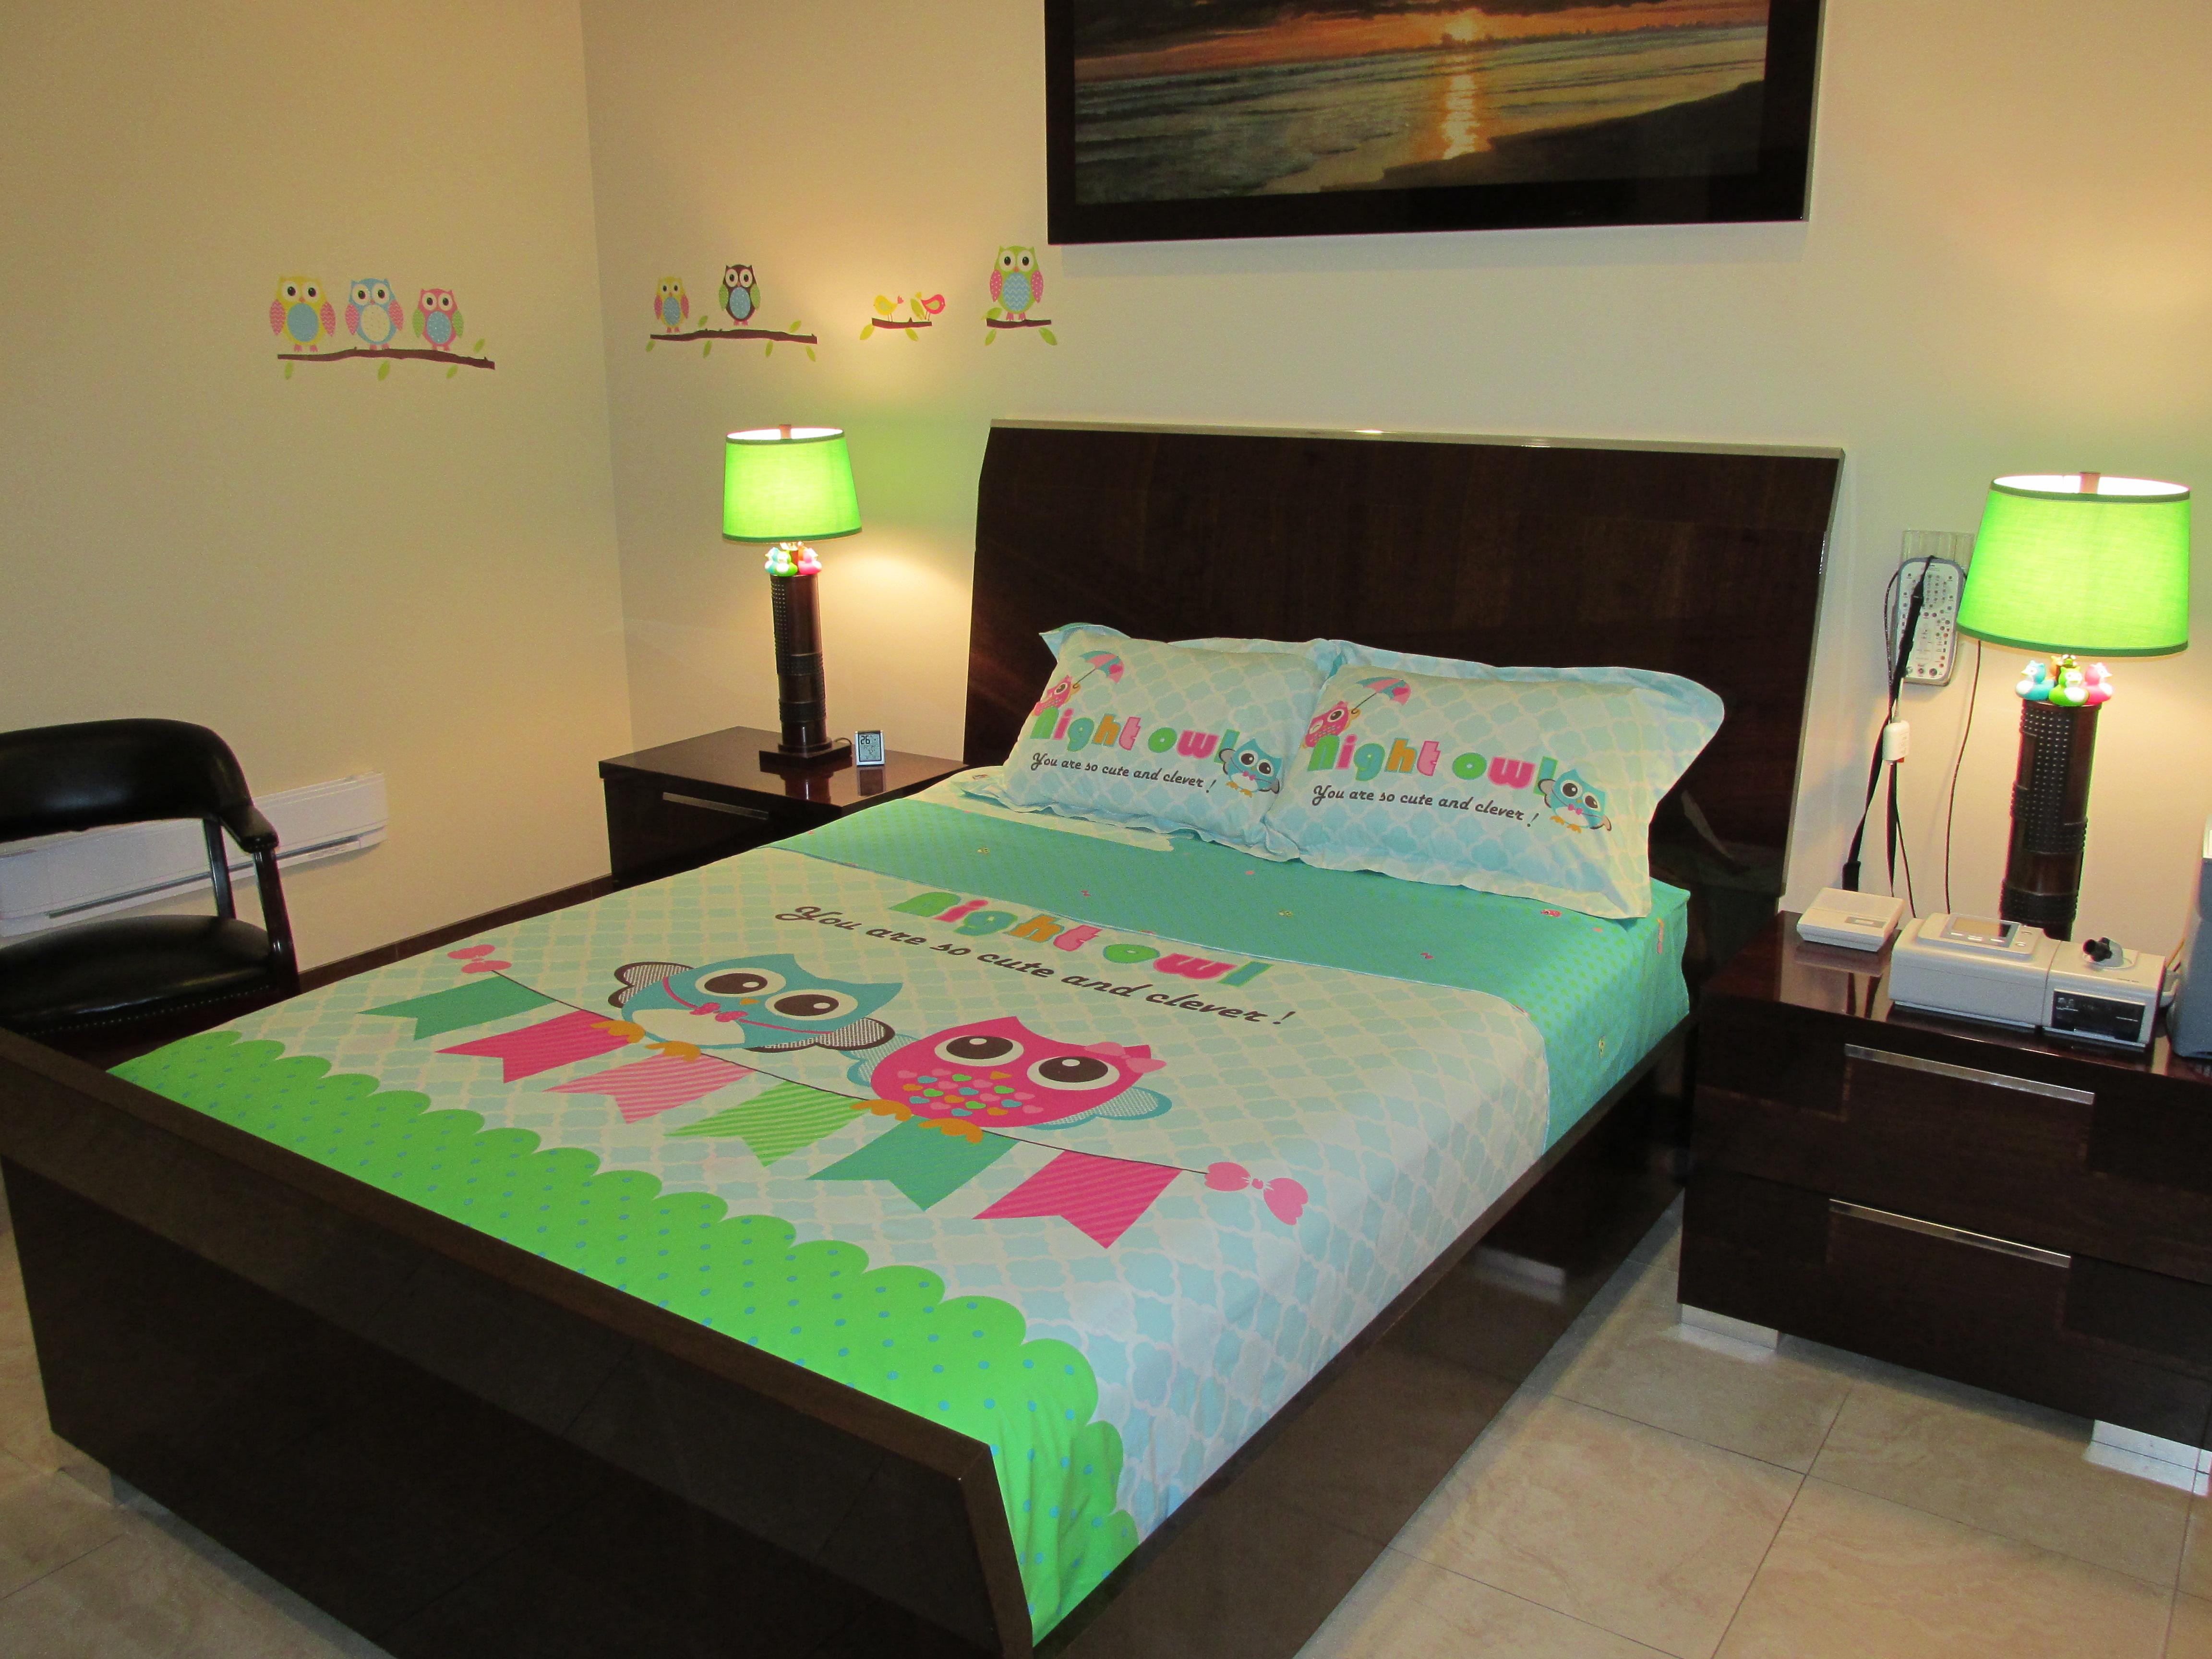 Sleep Lab at Sinai Medical Center image 3